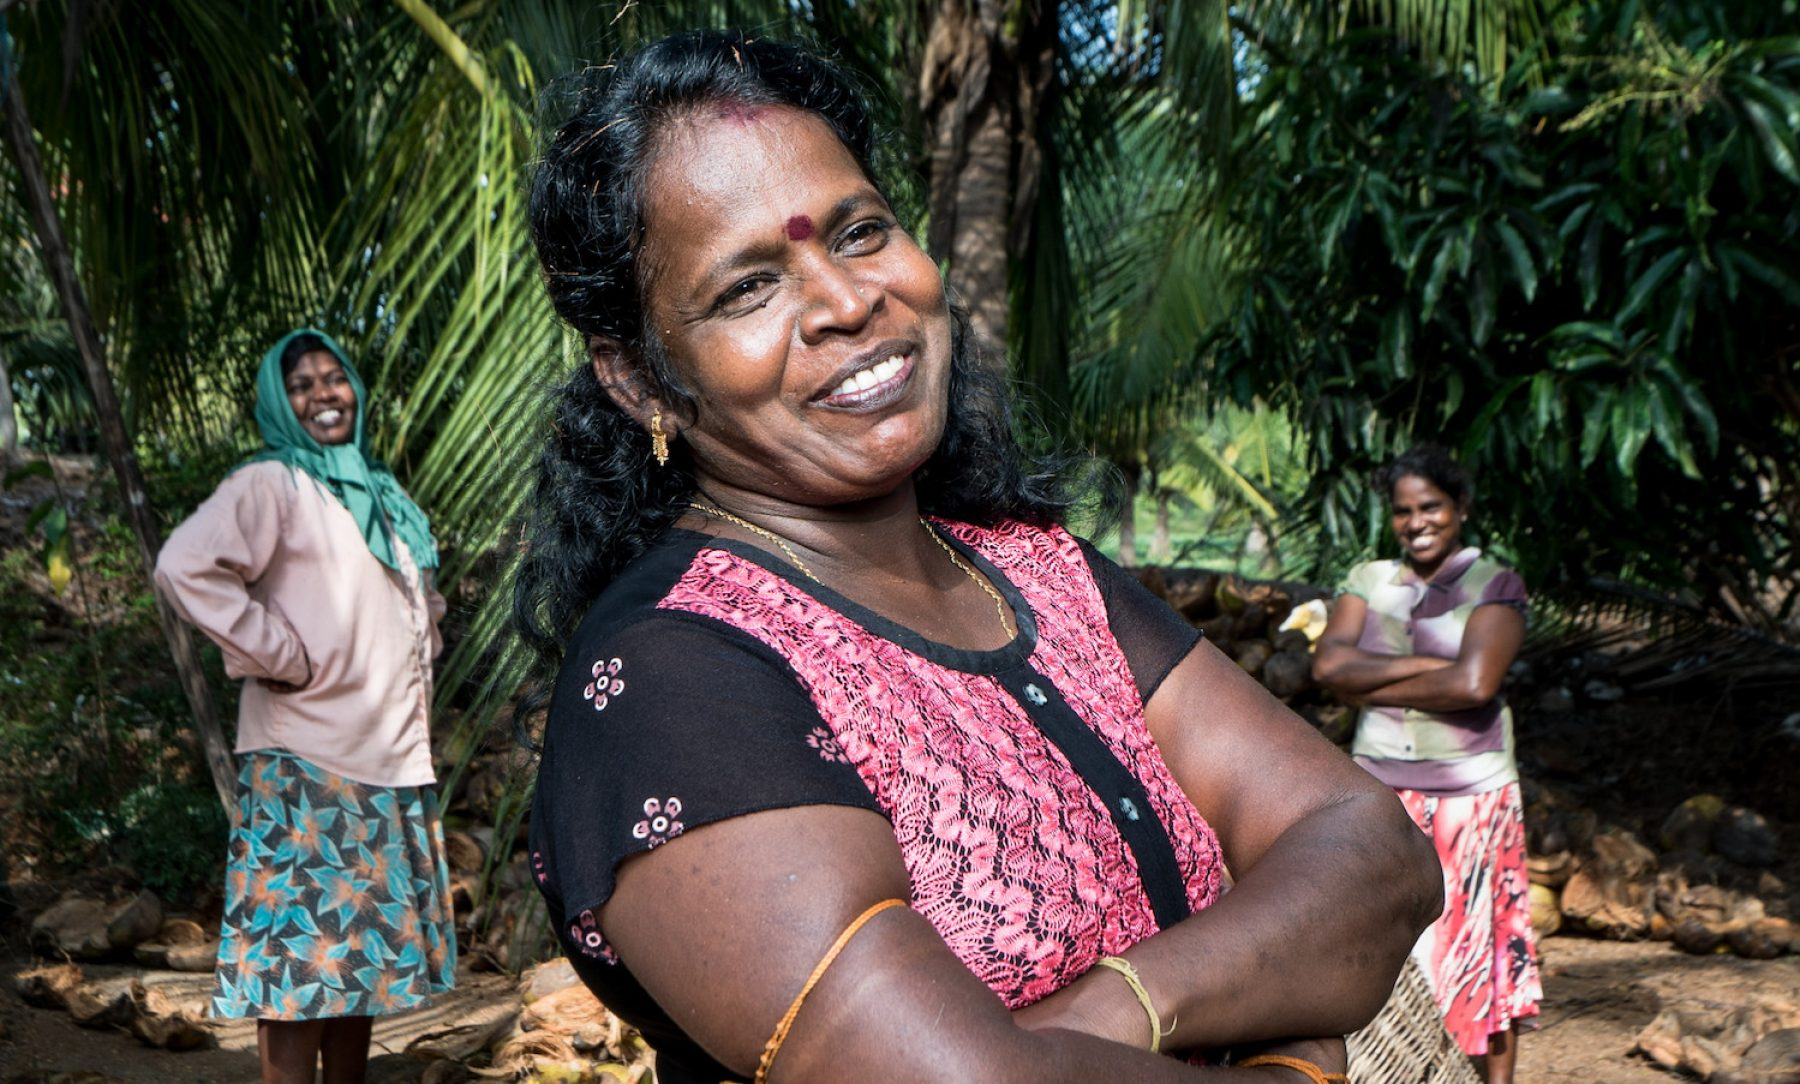 Image for Funding female entrepreneurs: the Sri Lankan coconut husk business owner